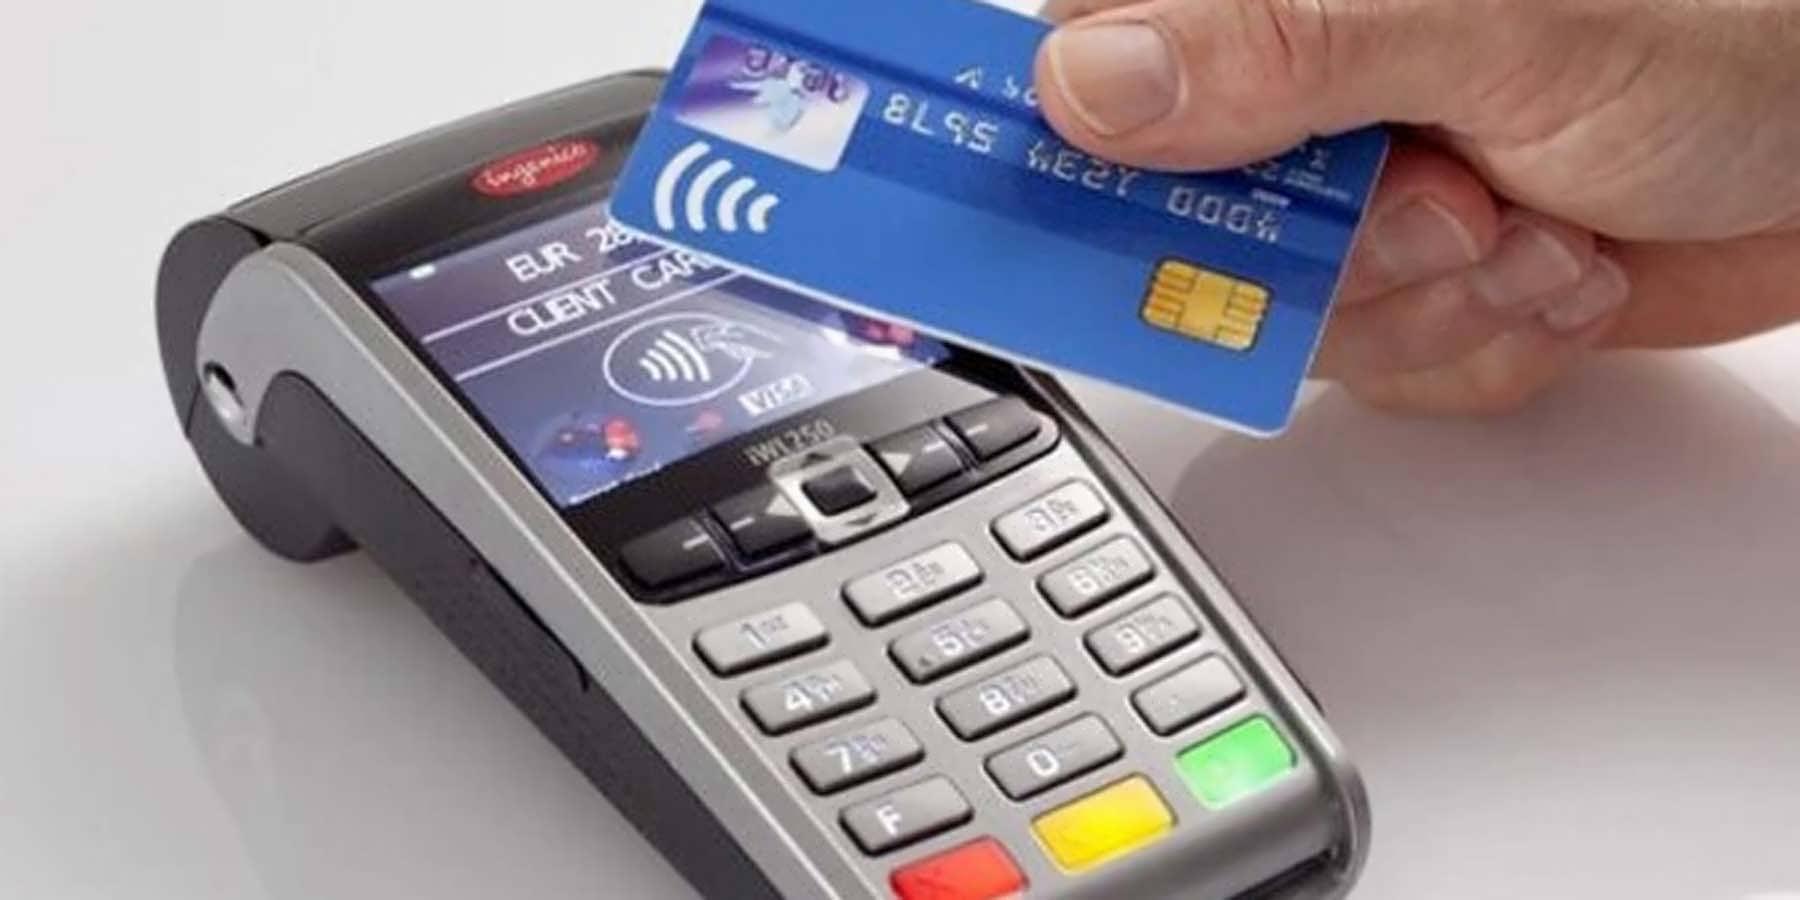 Temassız Kart Dolandırıcılığı Her Geçen Gün Artıyor